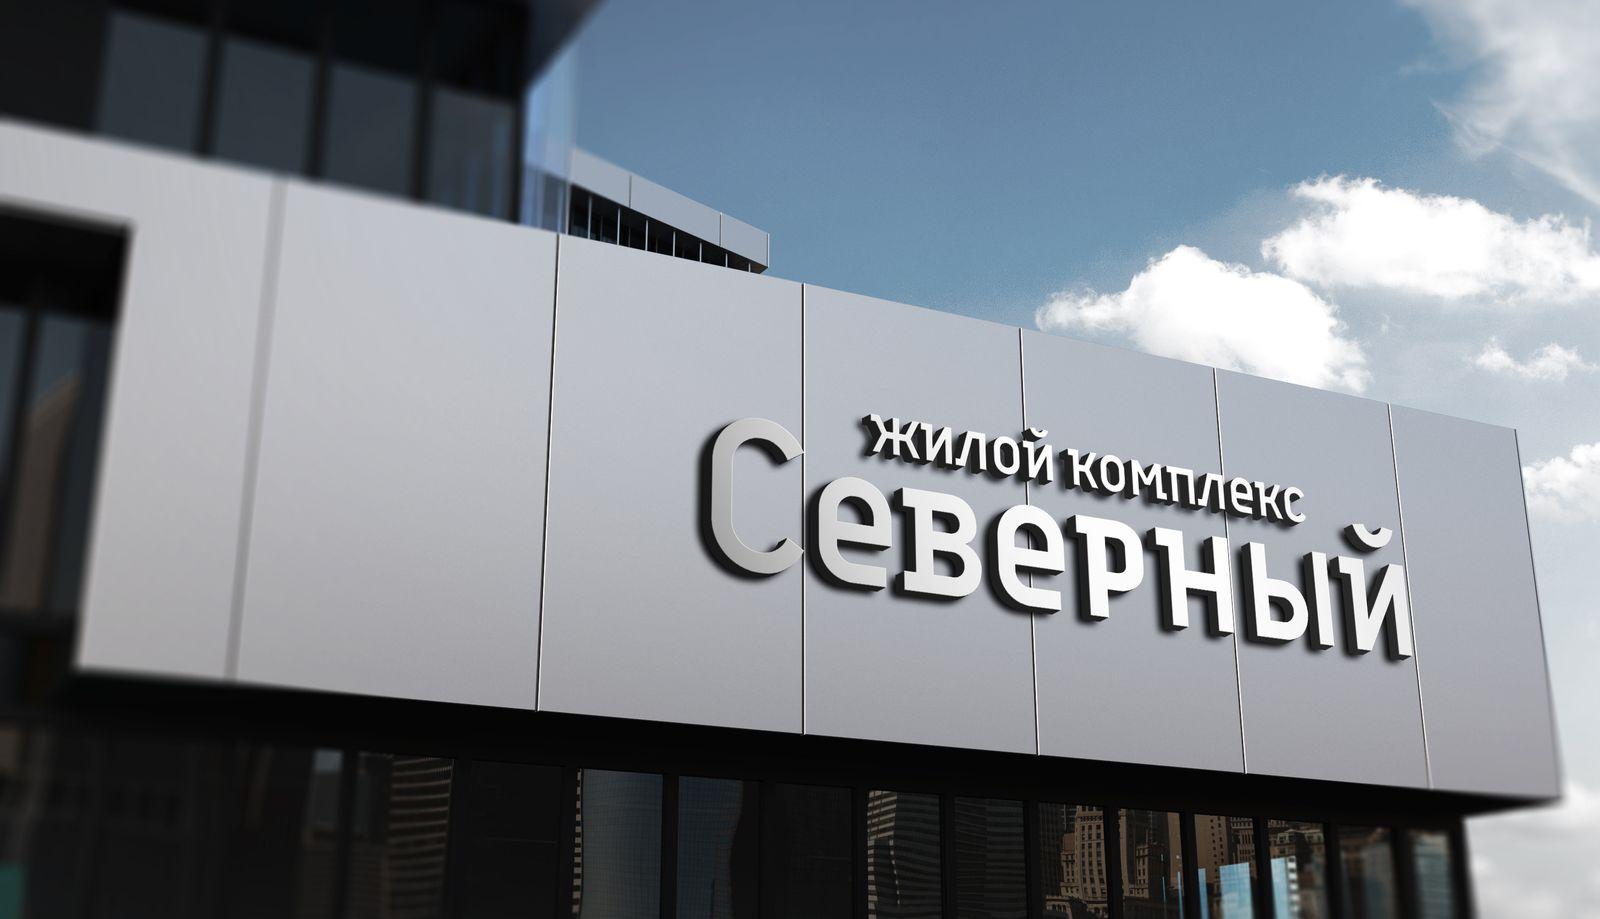 """Студия ракета завершила разработку сайта микрорайона """"Северный"""""""